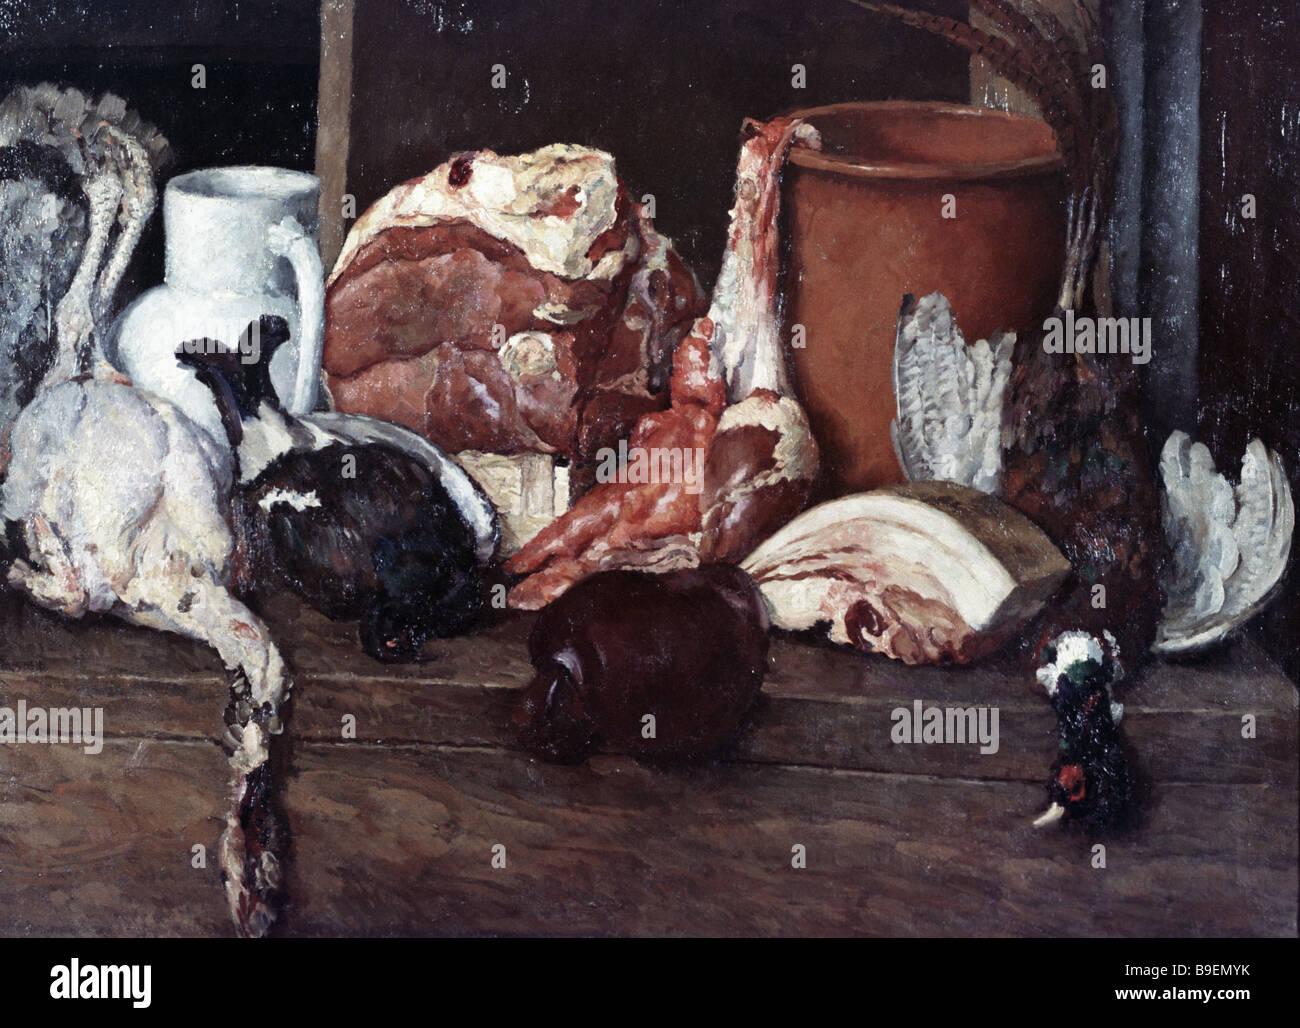 Piotr Konchalovski un bodegón con madera estado Grouse Galería Tretyakov en Moscú Imagen De Stock